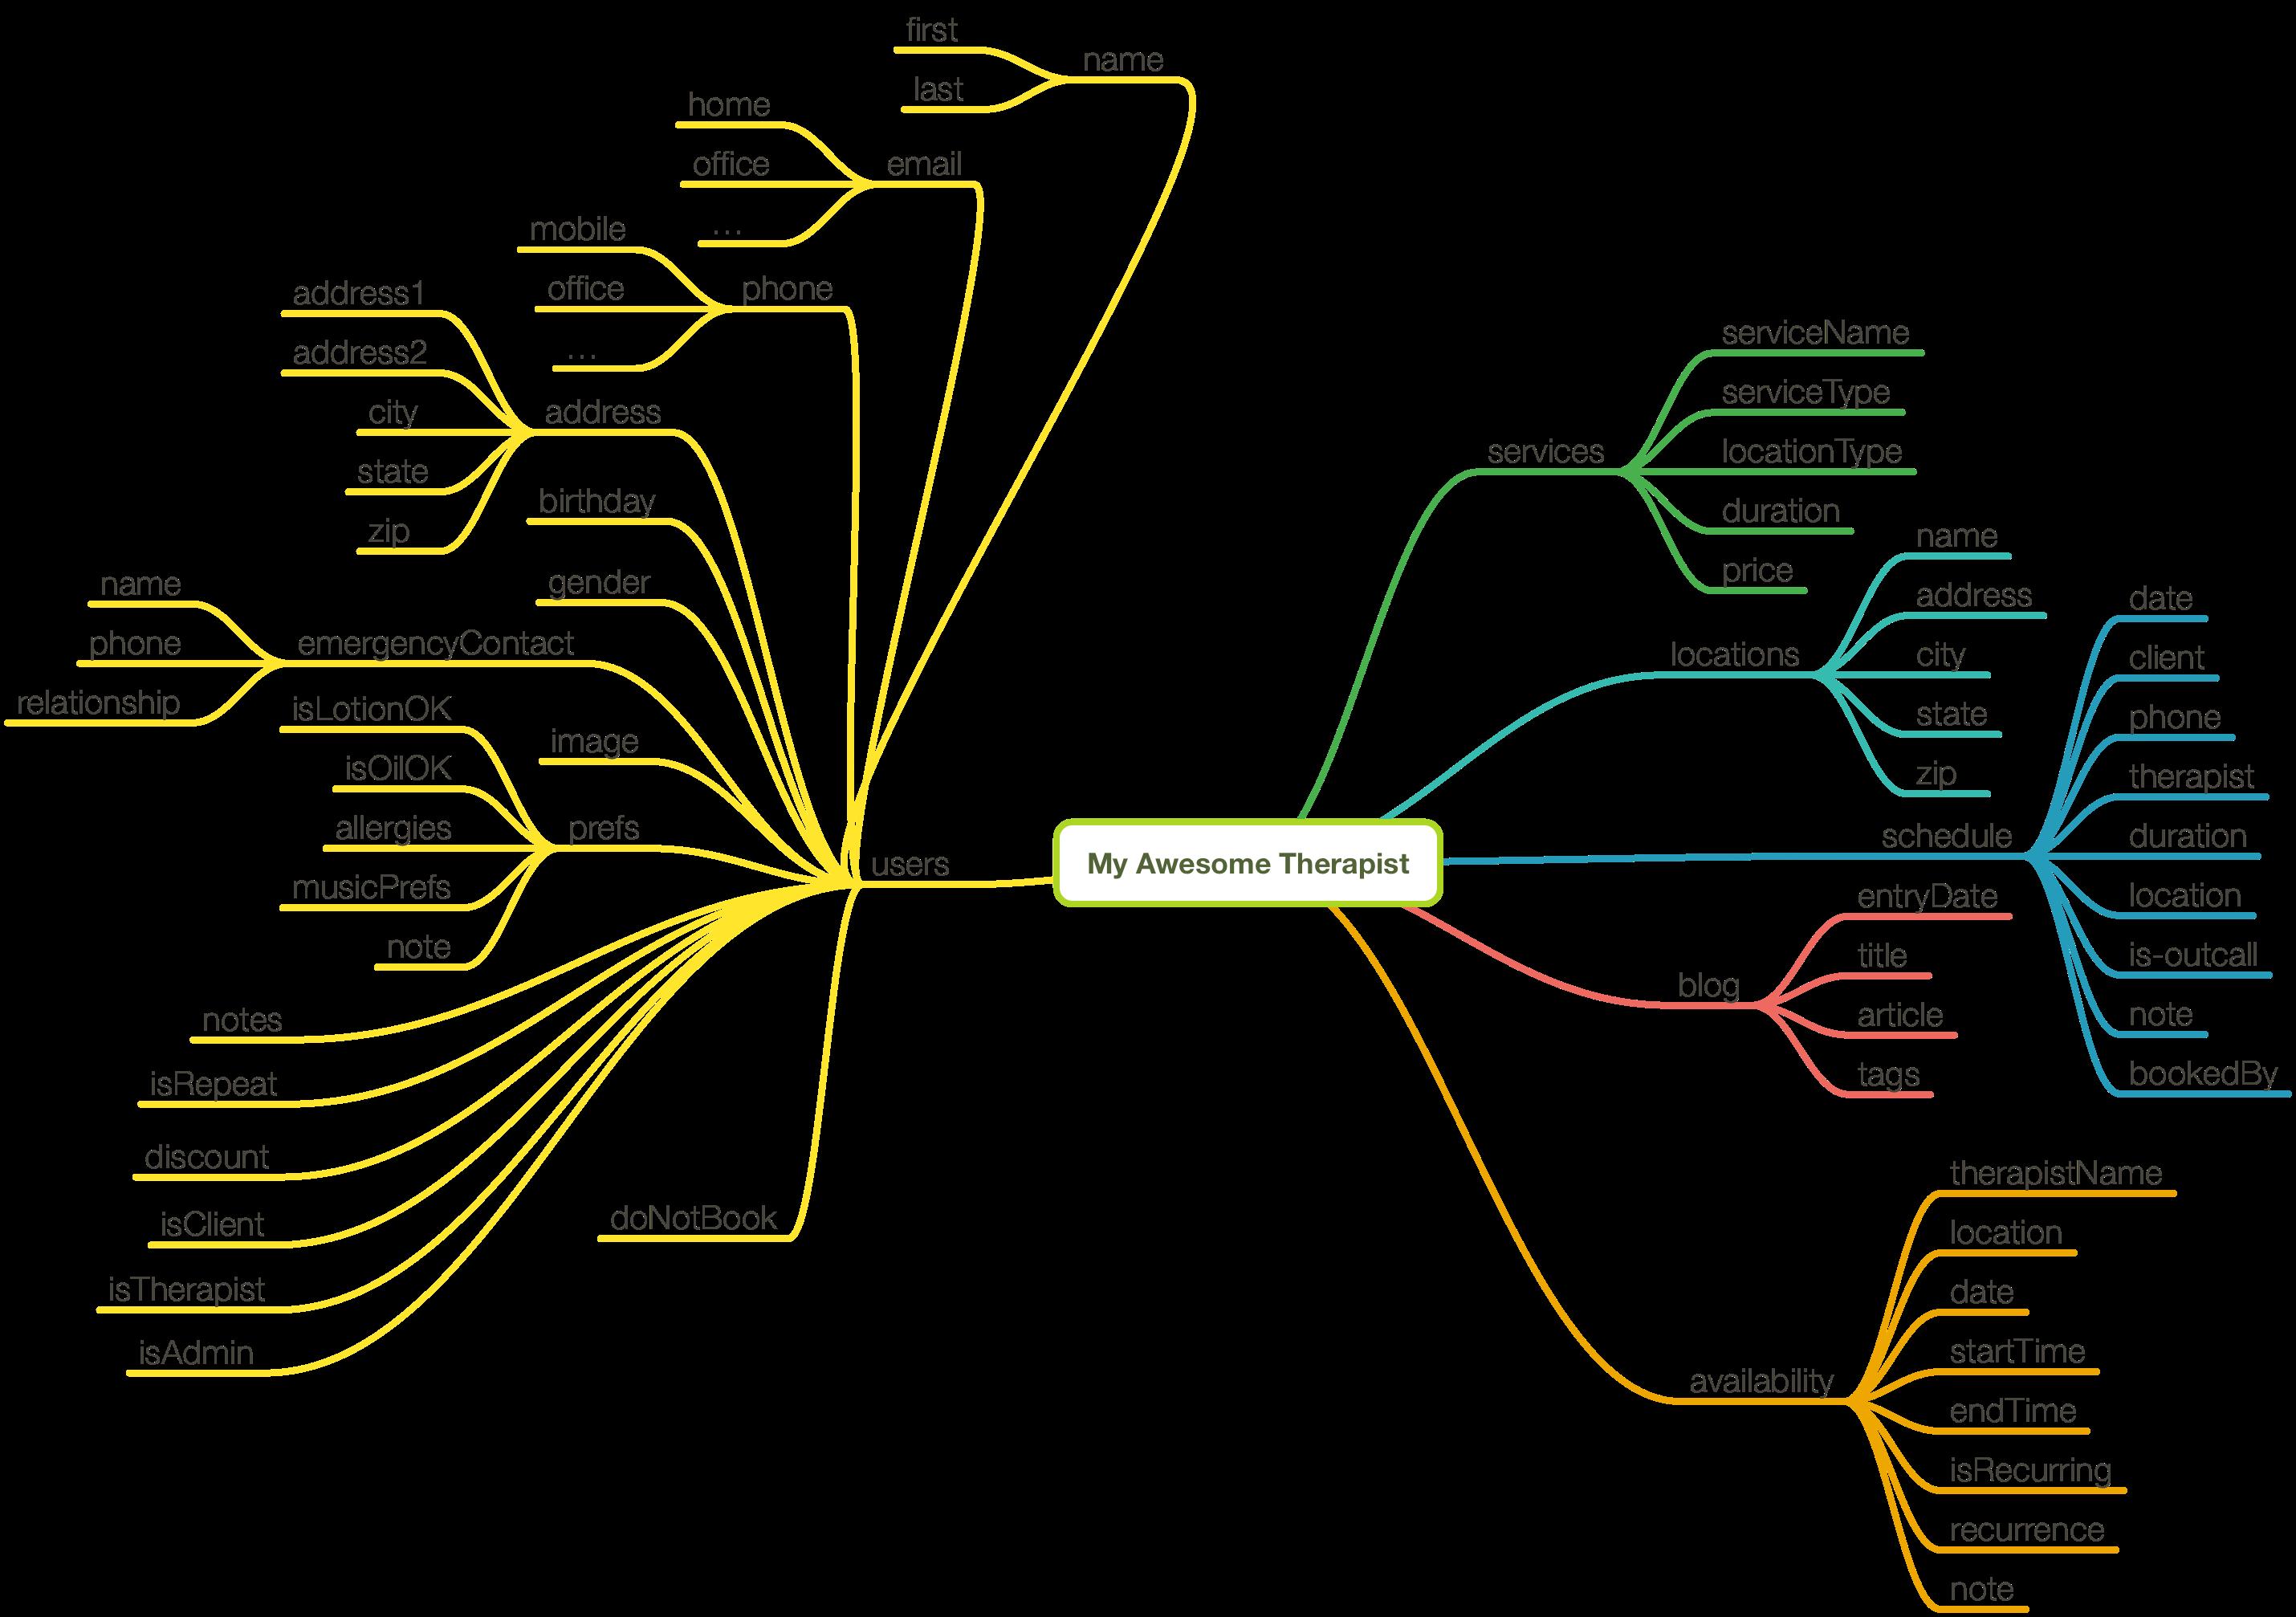 Image of Data Model